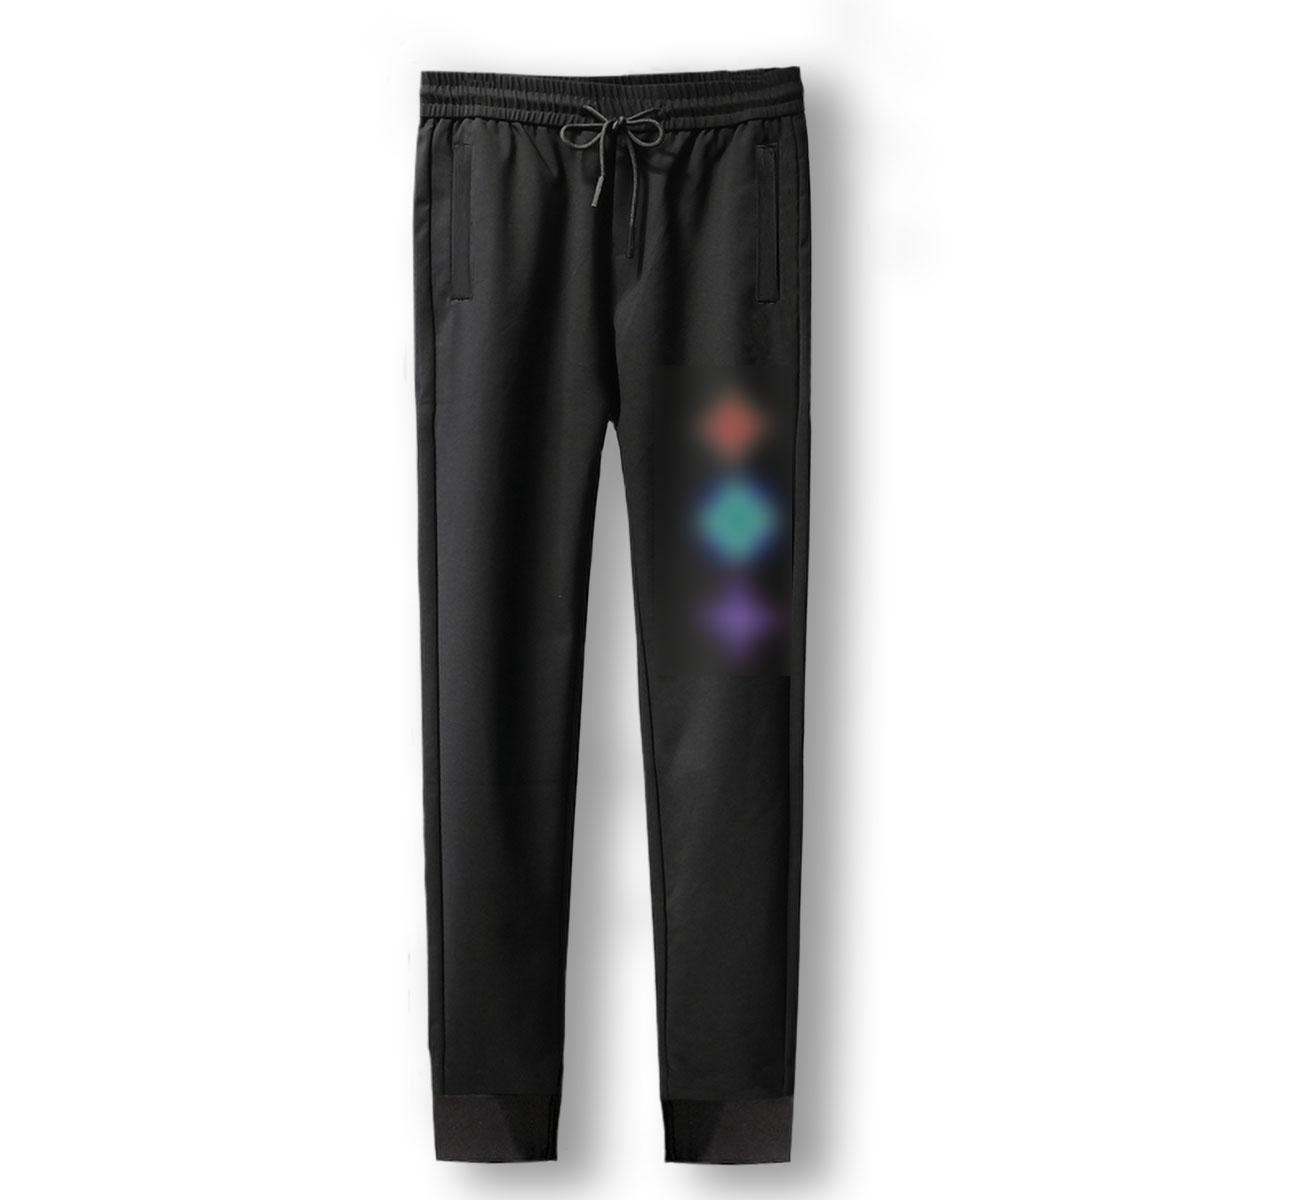 Tuta jogger Harajuku pantaloni della tuta di Hip Hop dei pantaloni pantaloni della tuta di stile casuale Ho Via camuffamento pantaloni elastici dimensione di vita: M-4XL K002